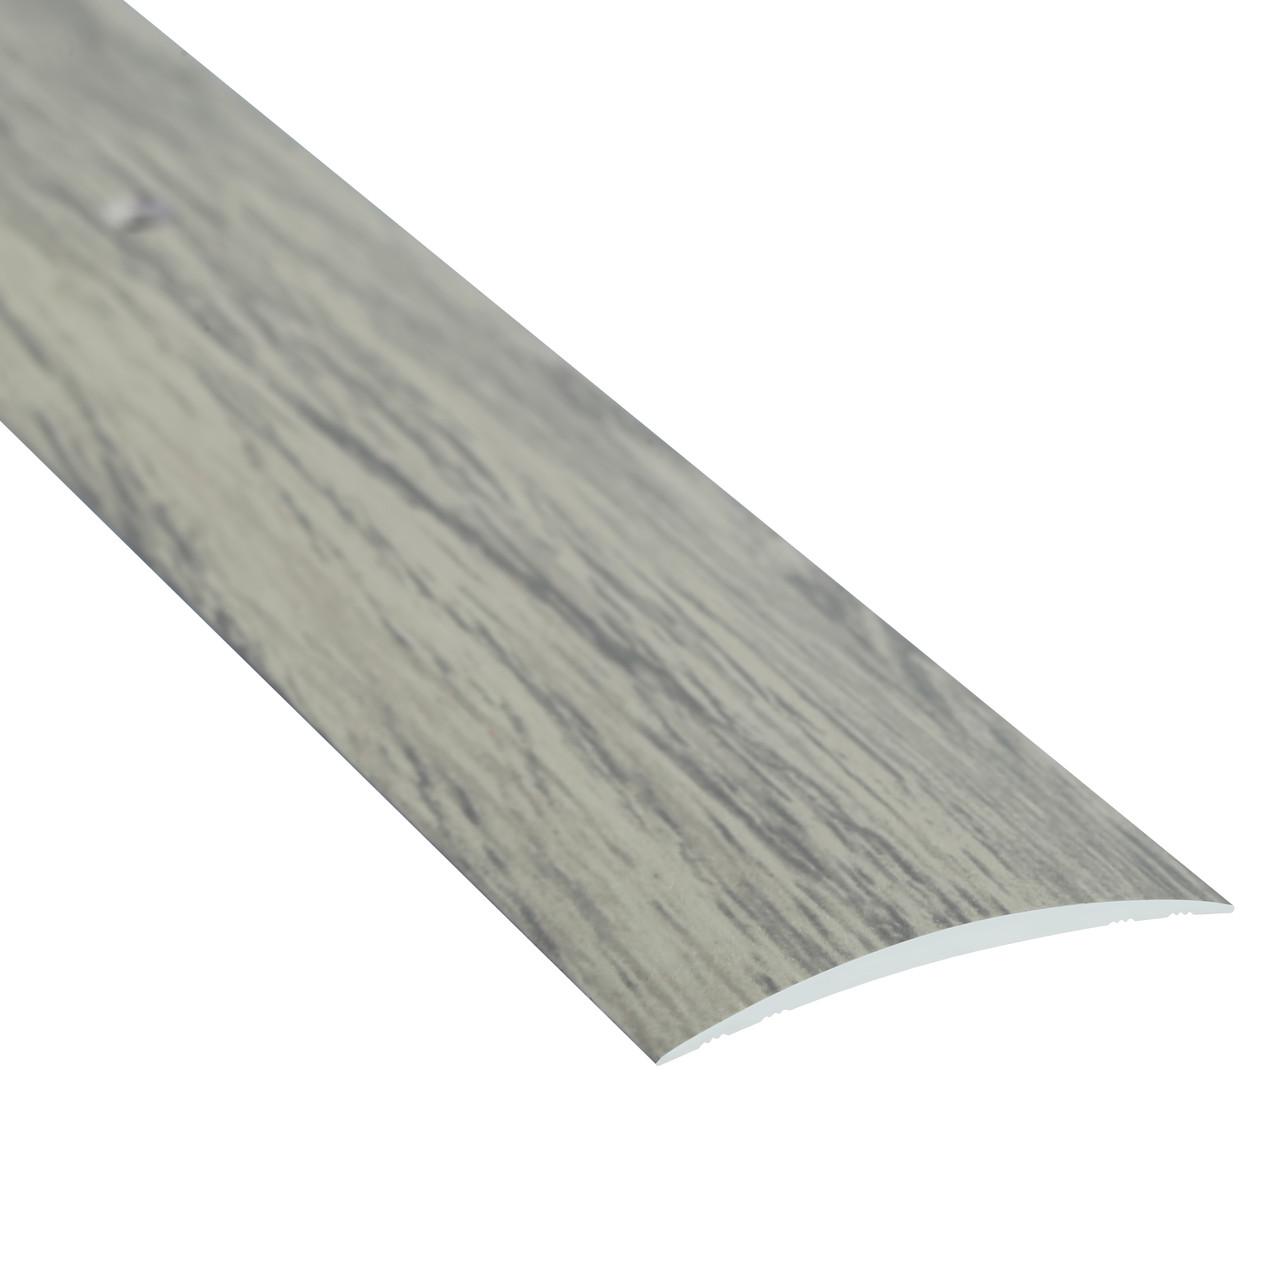 Алюминиевый профиль декоративный одноуровневый гладкий 40мм х 2.7м дуб испанский